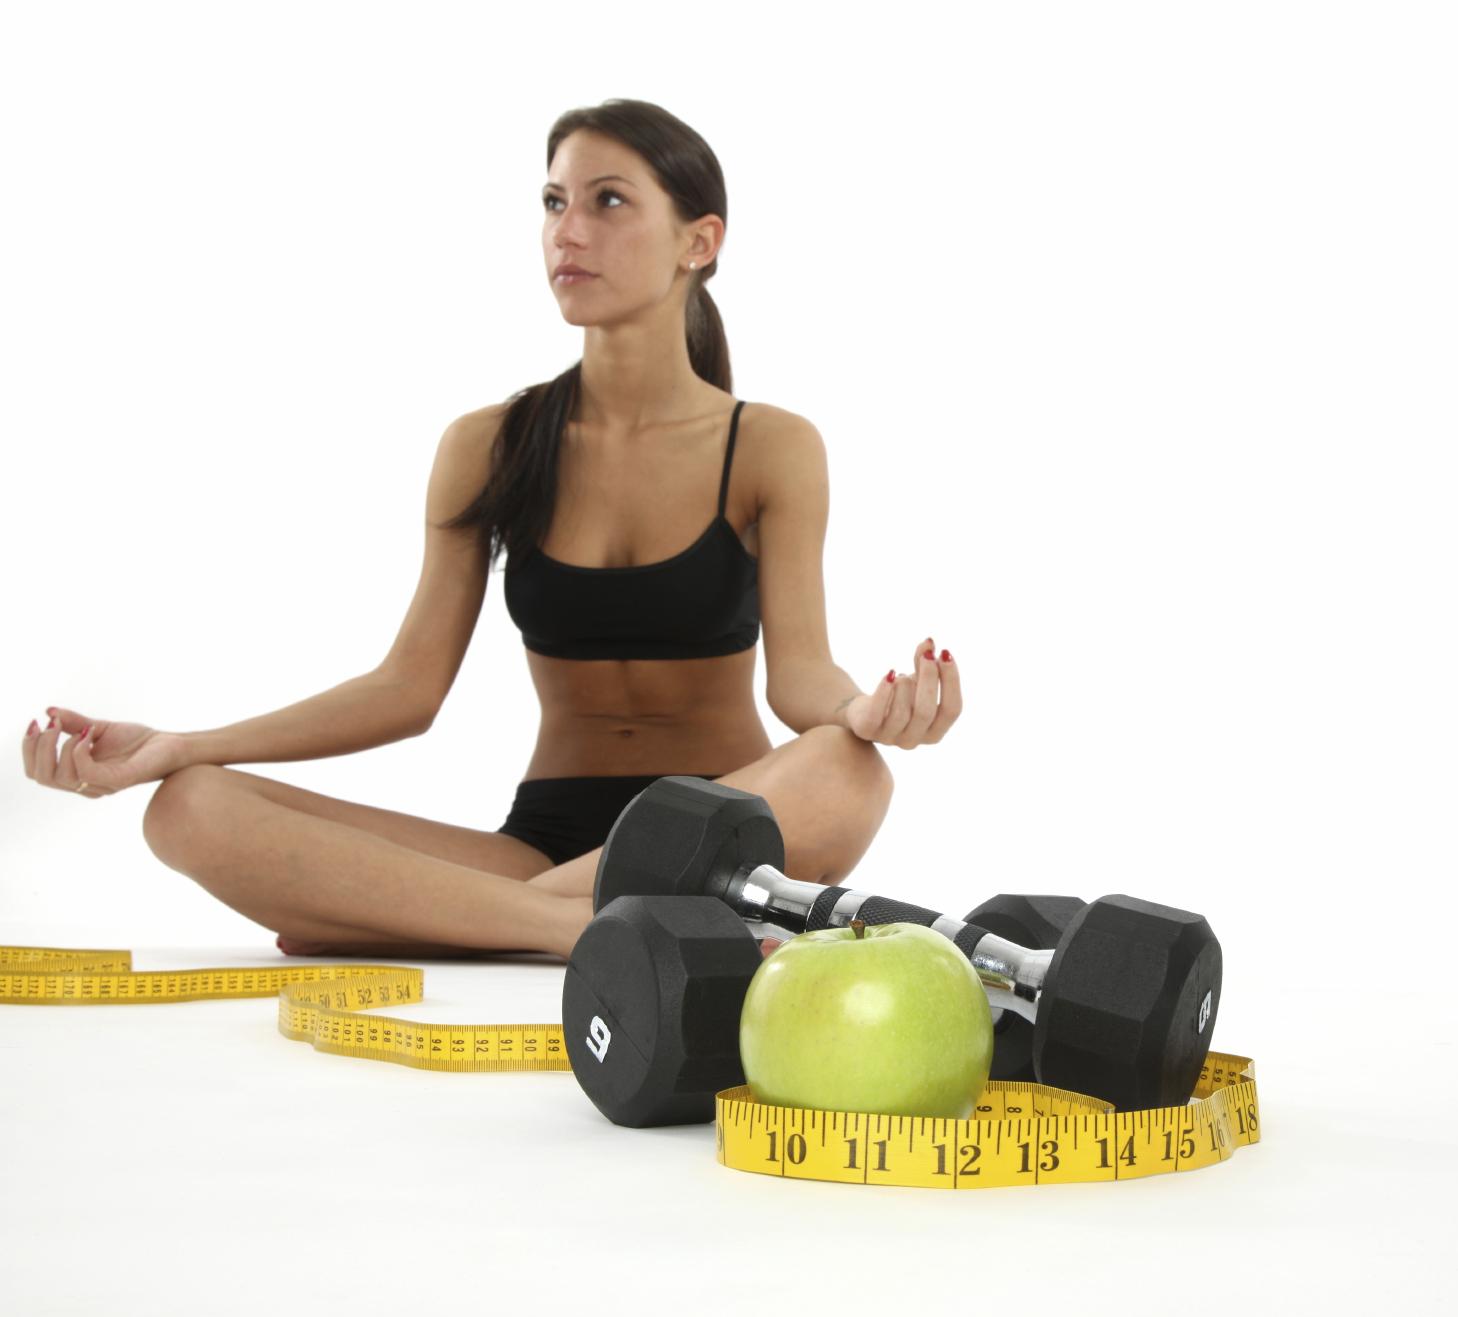 Миф о похудении 2. если заниматься спортом, можно похудеть и без диет